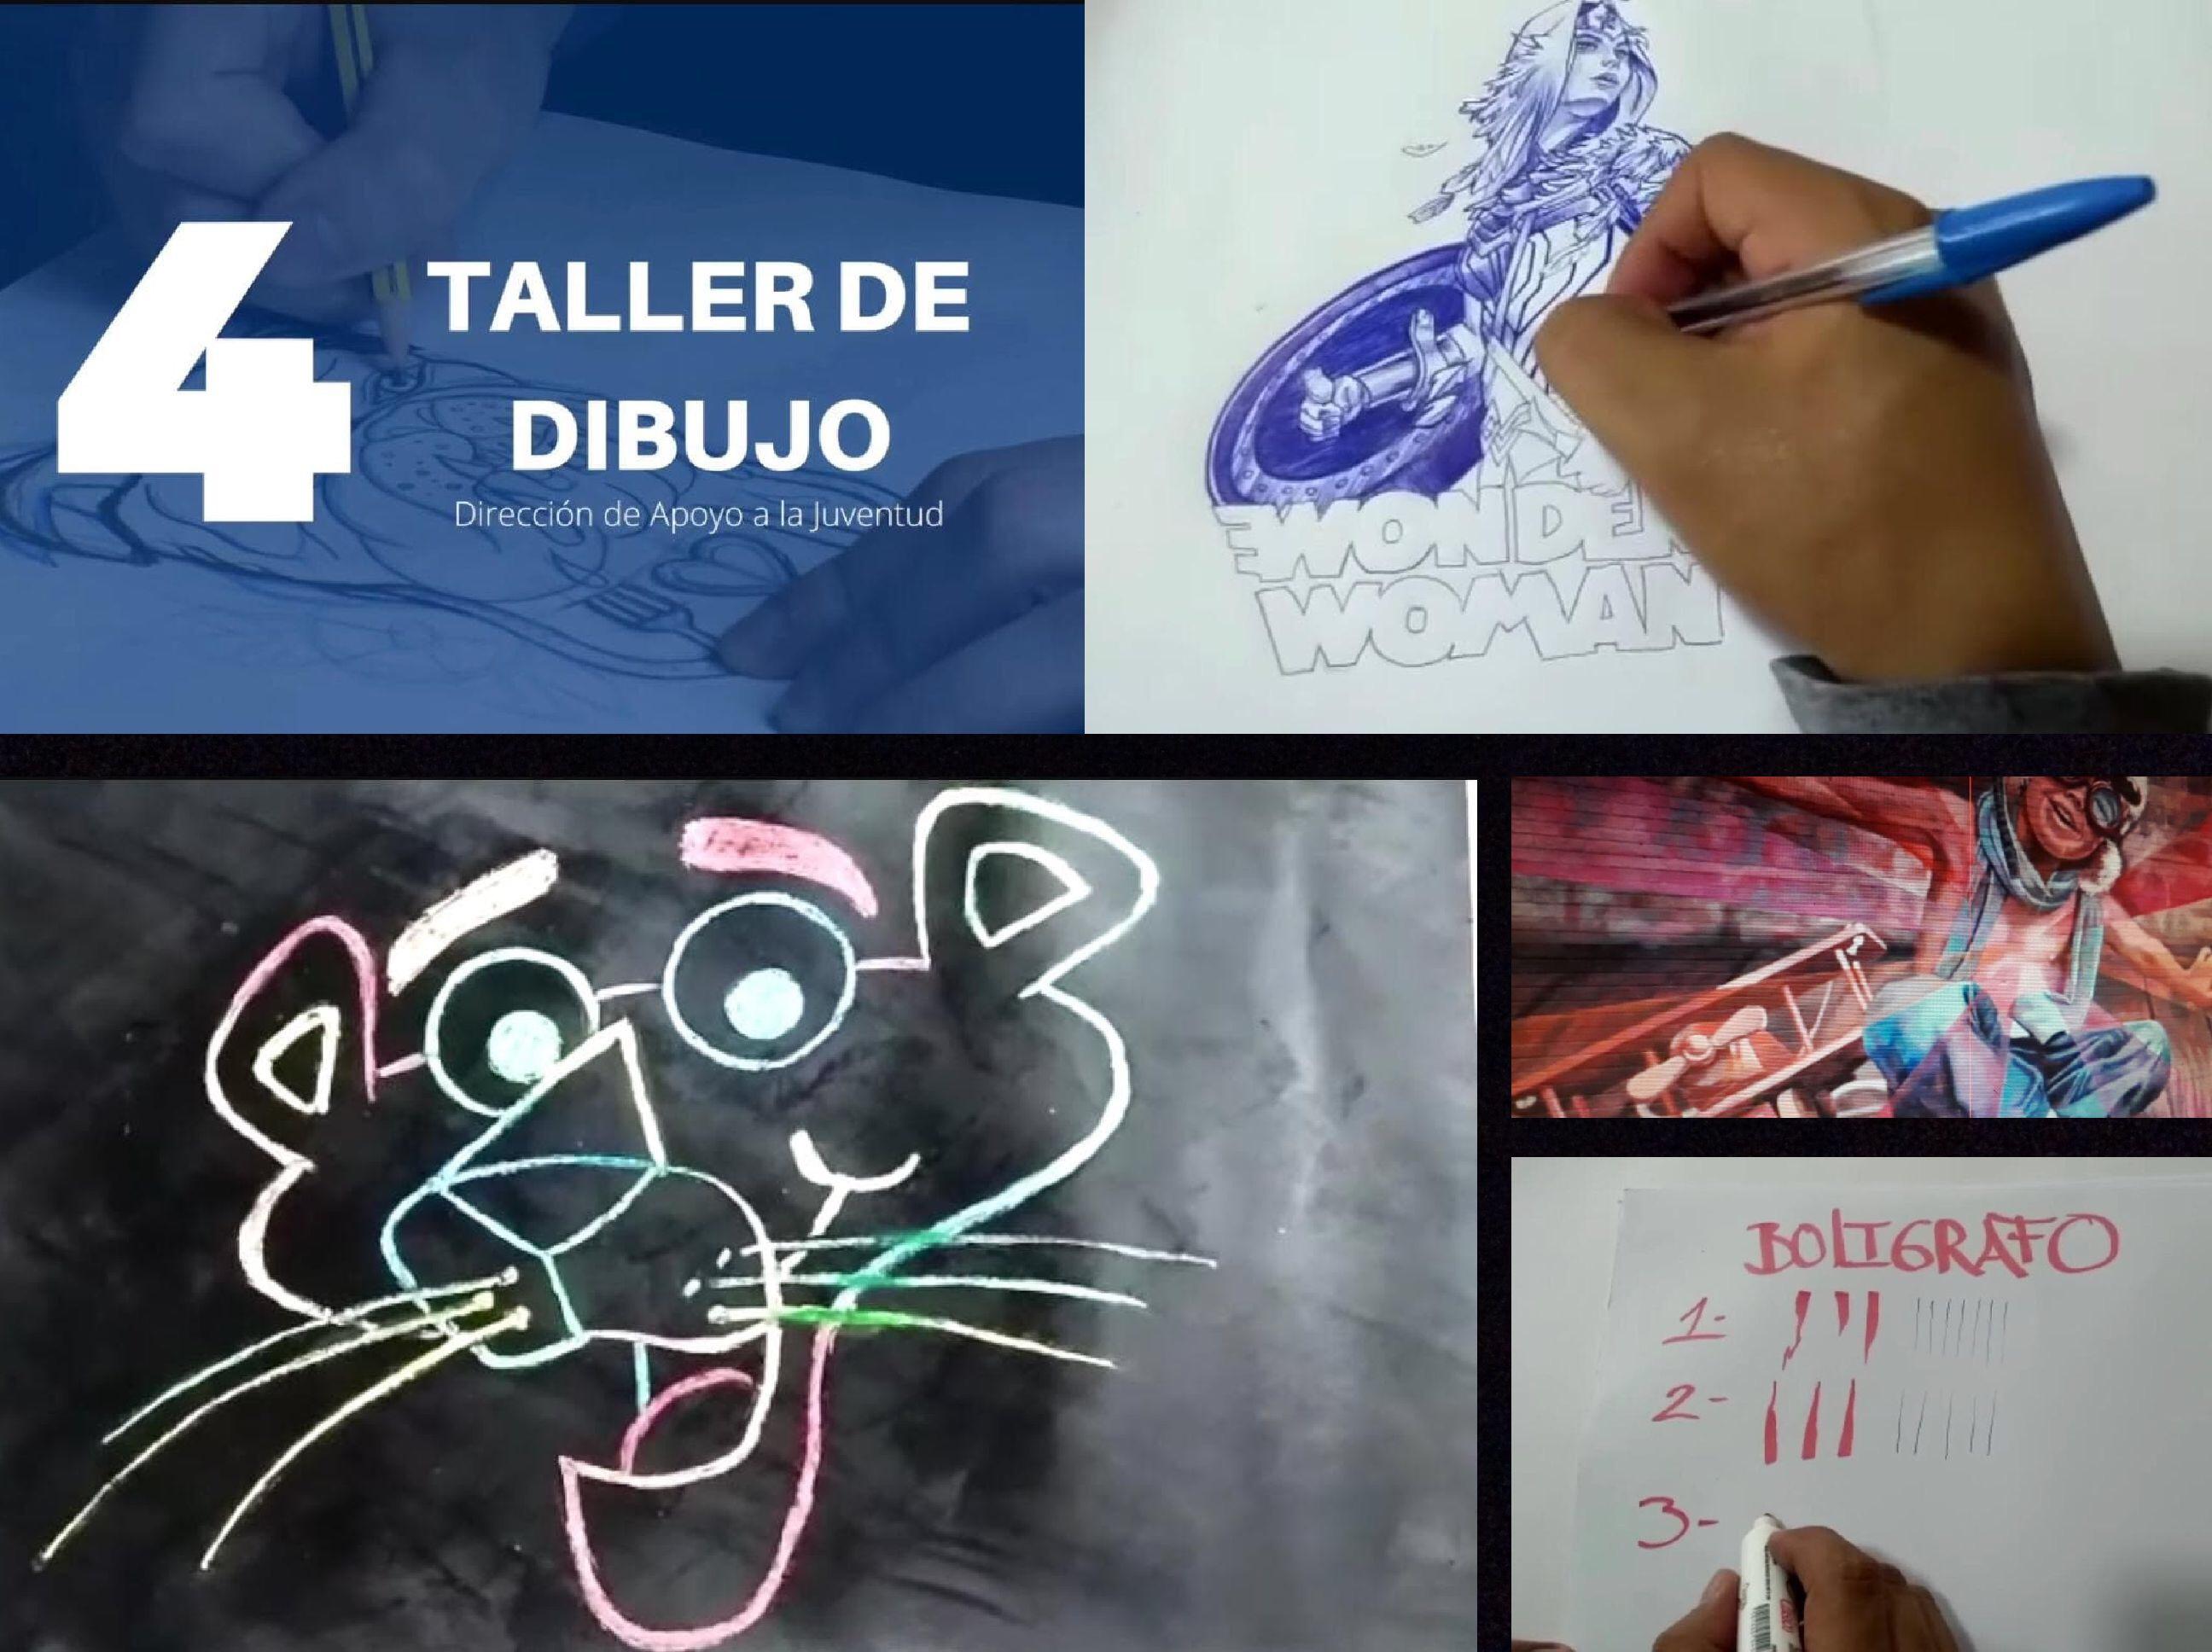 Arma Toluca actividades digitales para jóvenes